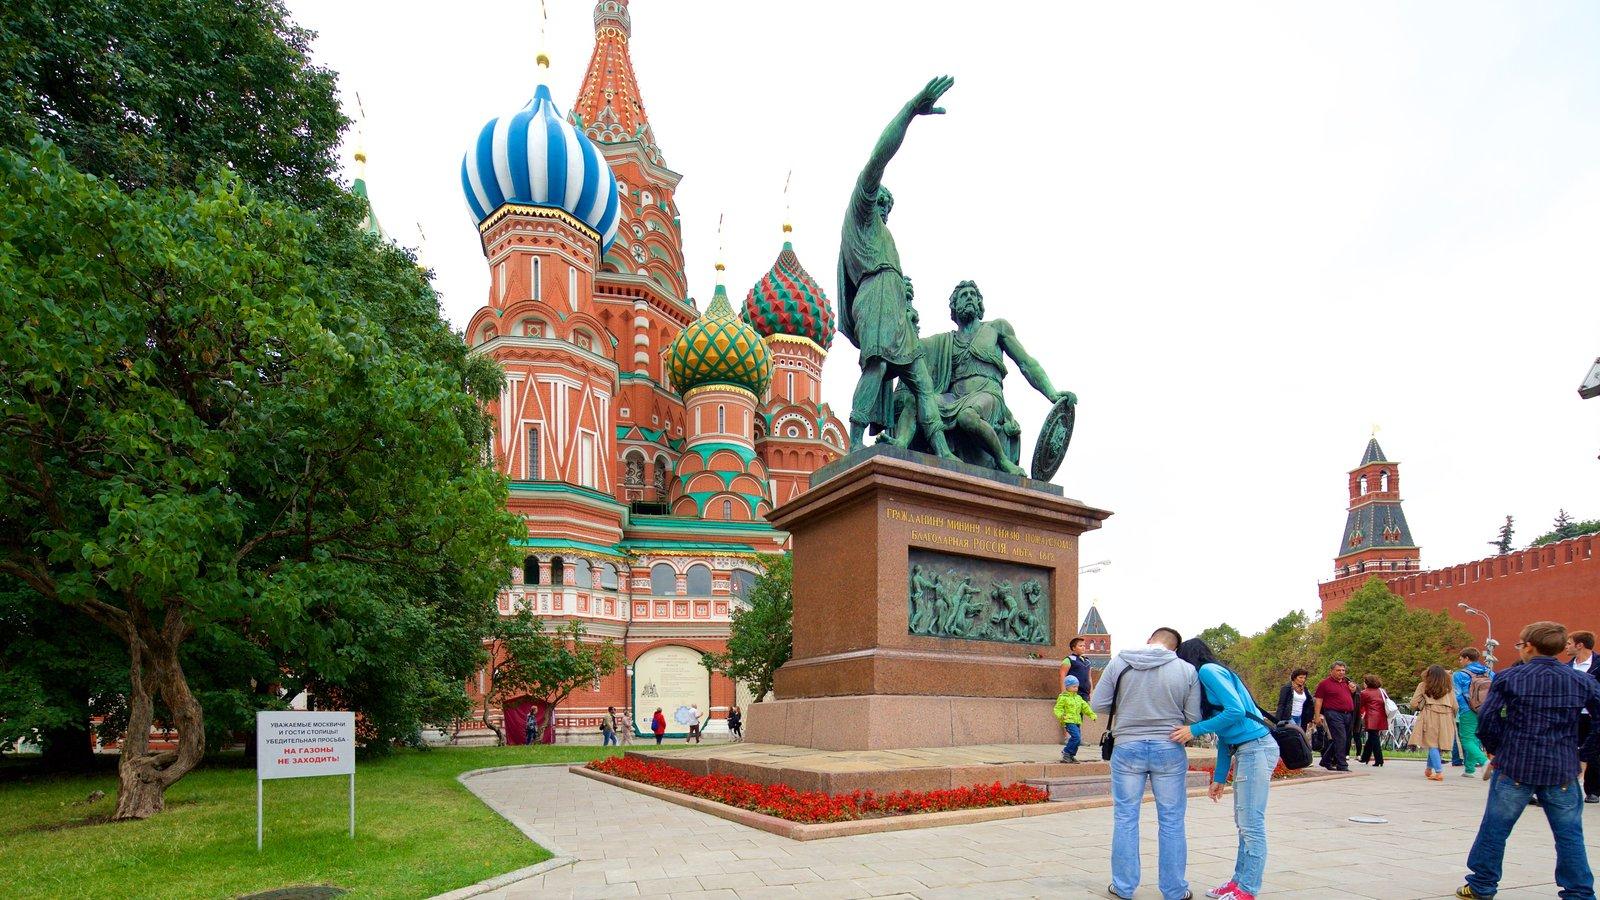 Monumento a Minin y Pozharski que incluye patrimonio de arquitectura y una estatua o escultura y también un pequeño grupo de personas